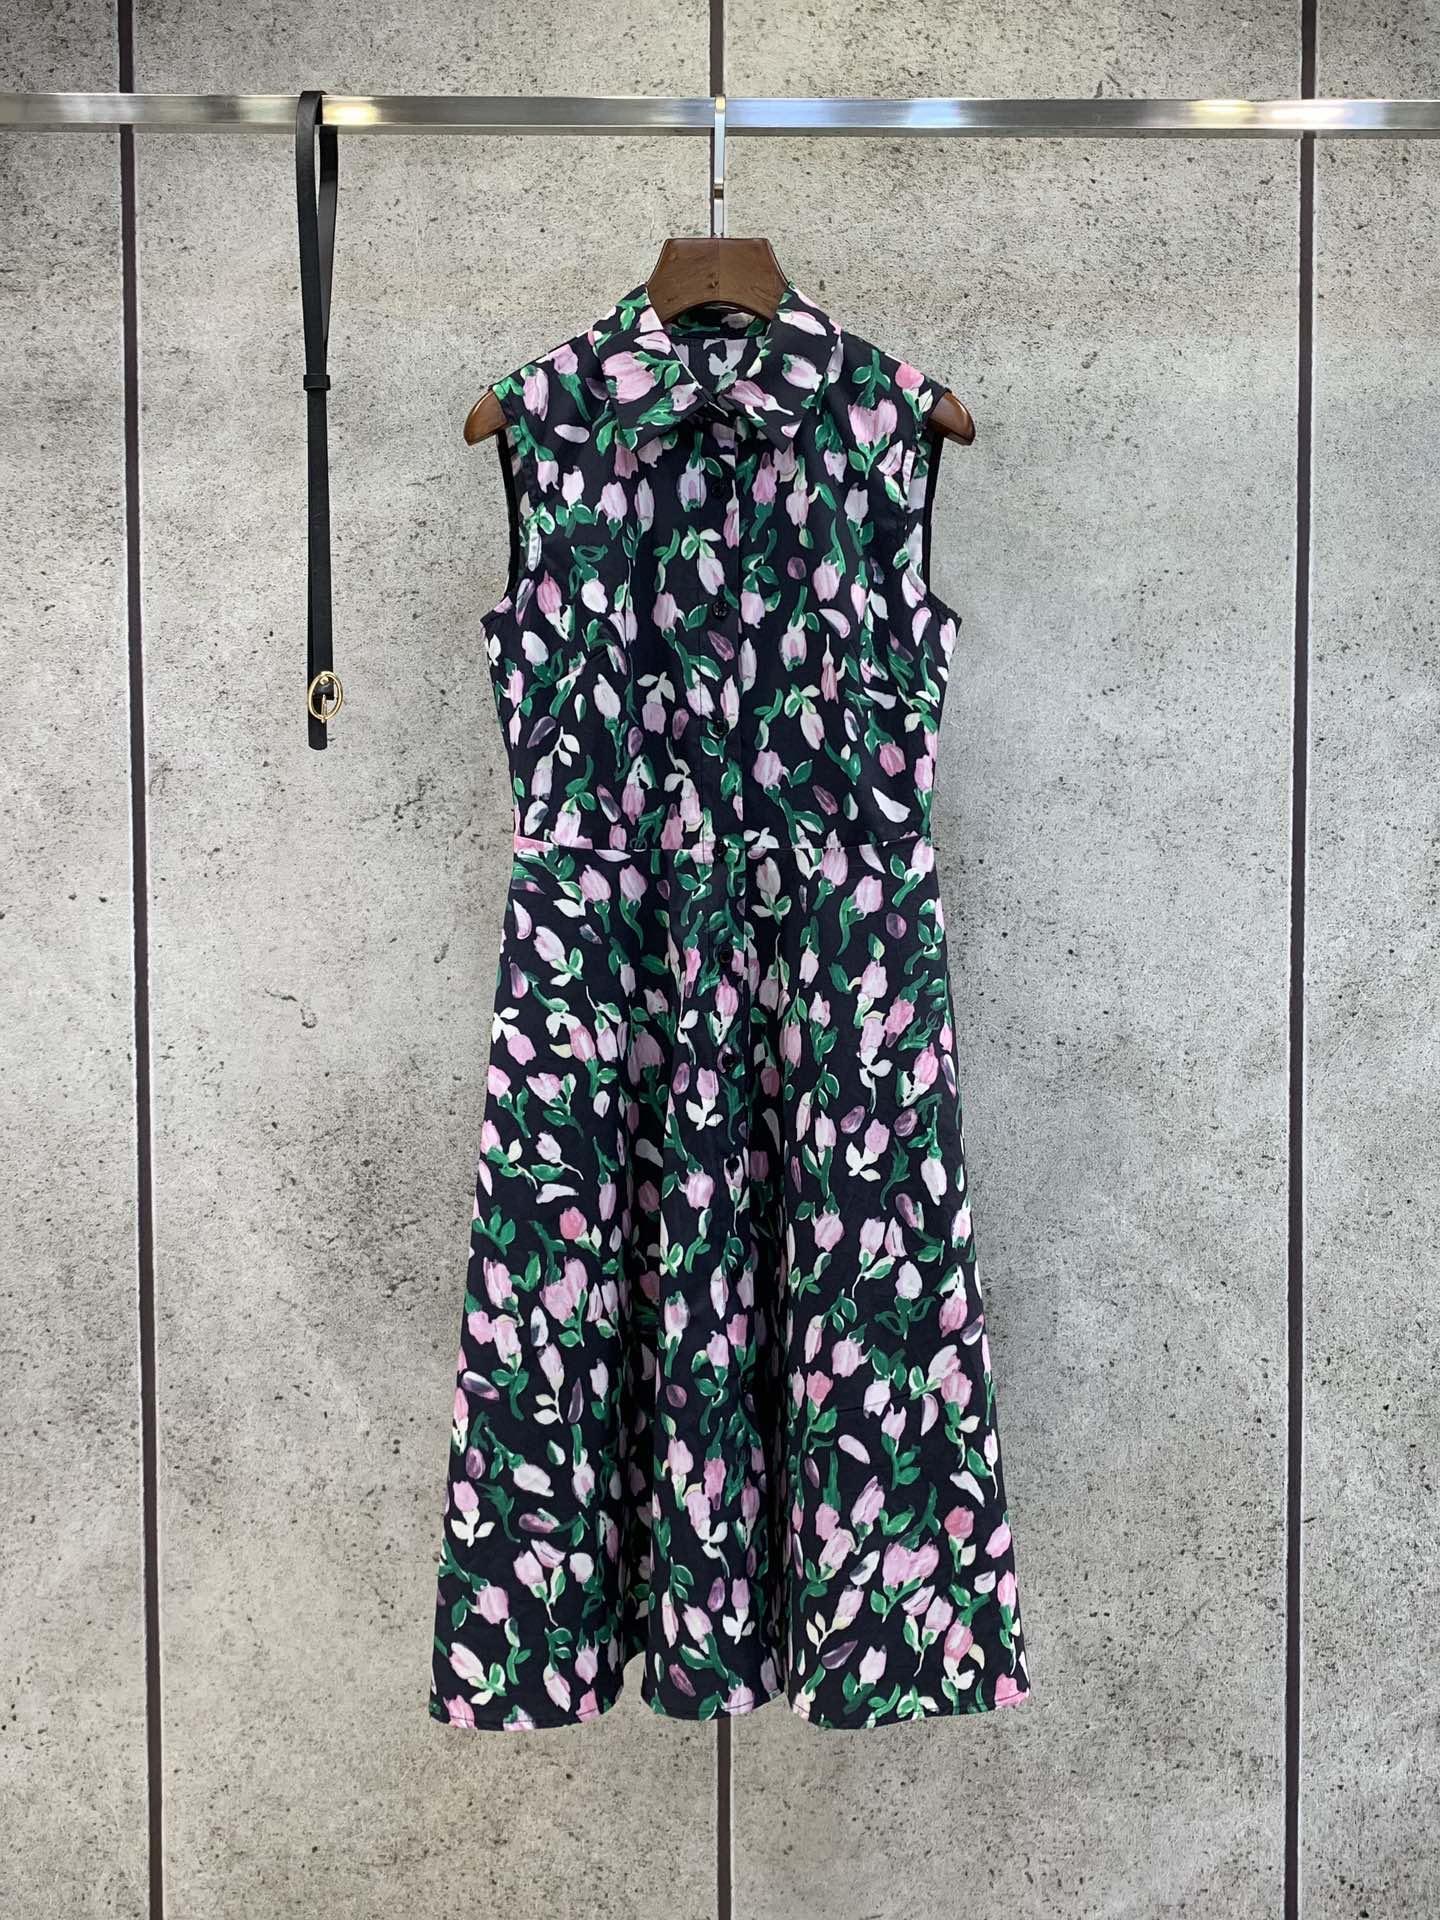 Milan pist elbiseler 2021 yaz yaka boyun baskı panelli kadın tasarımcı elbise markası aynı stil etekler 0330-9